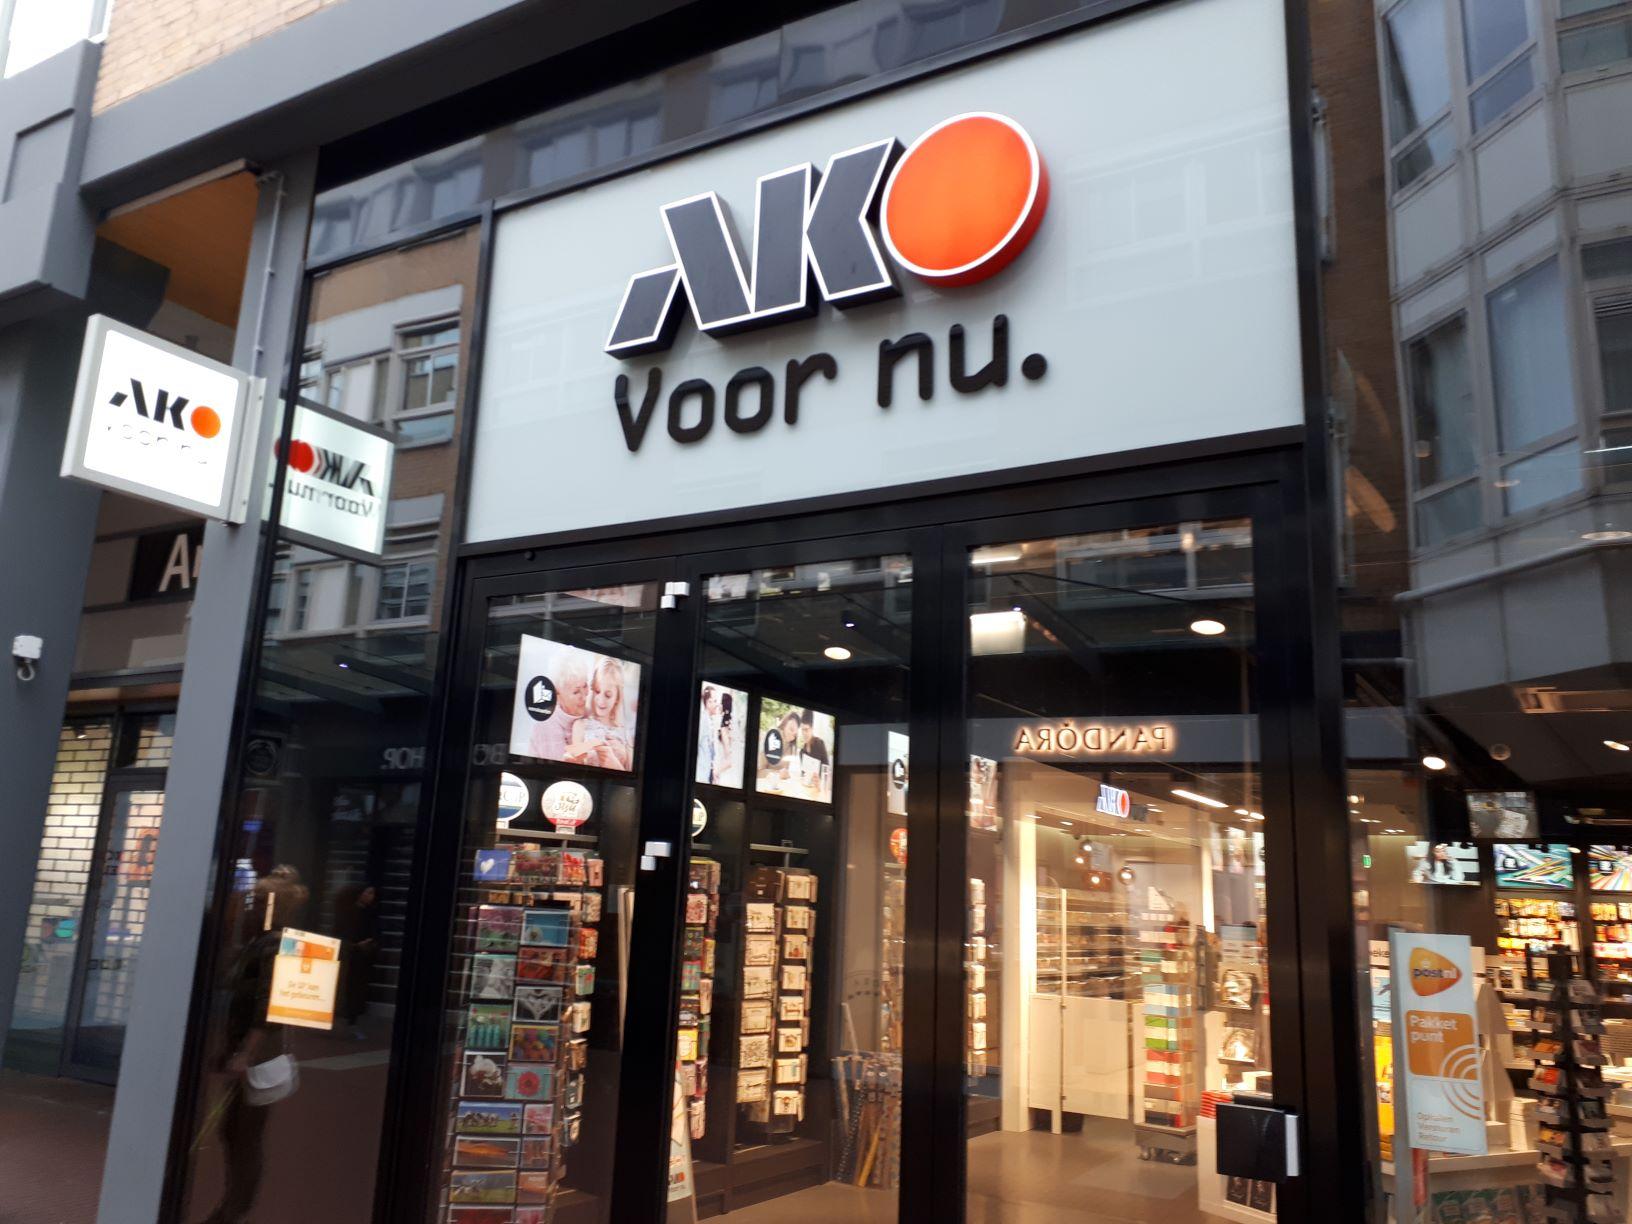 Boekenwinkel Zoetermeer